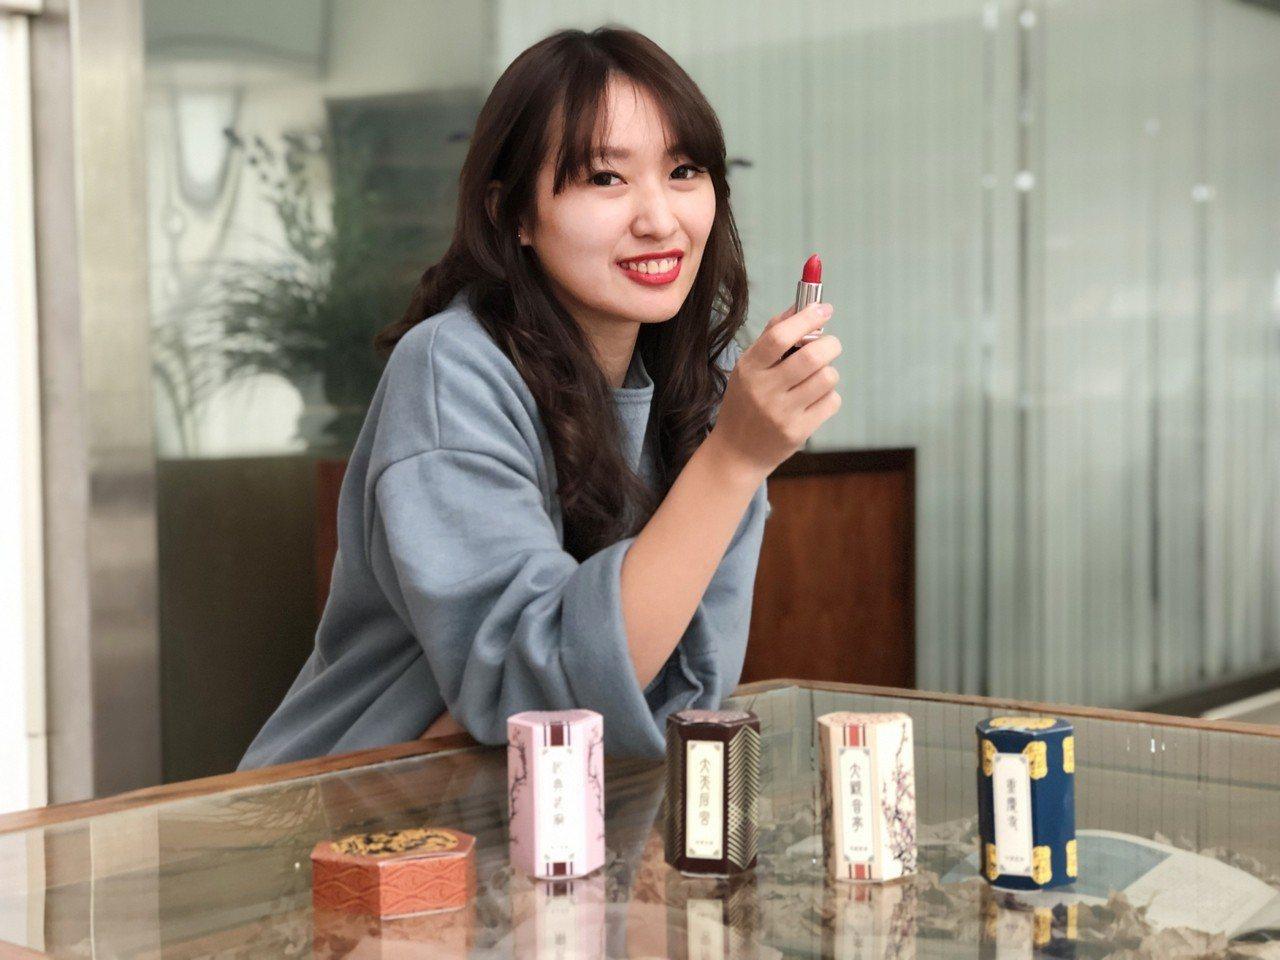 台南市民政局推出「月老口紅」宗教文創商品。圖/台南市民政局提供